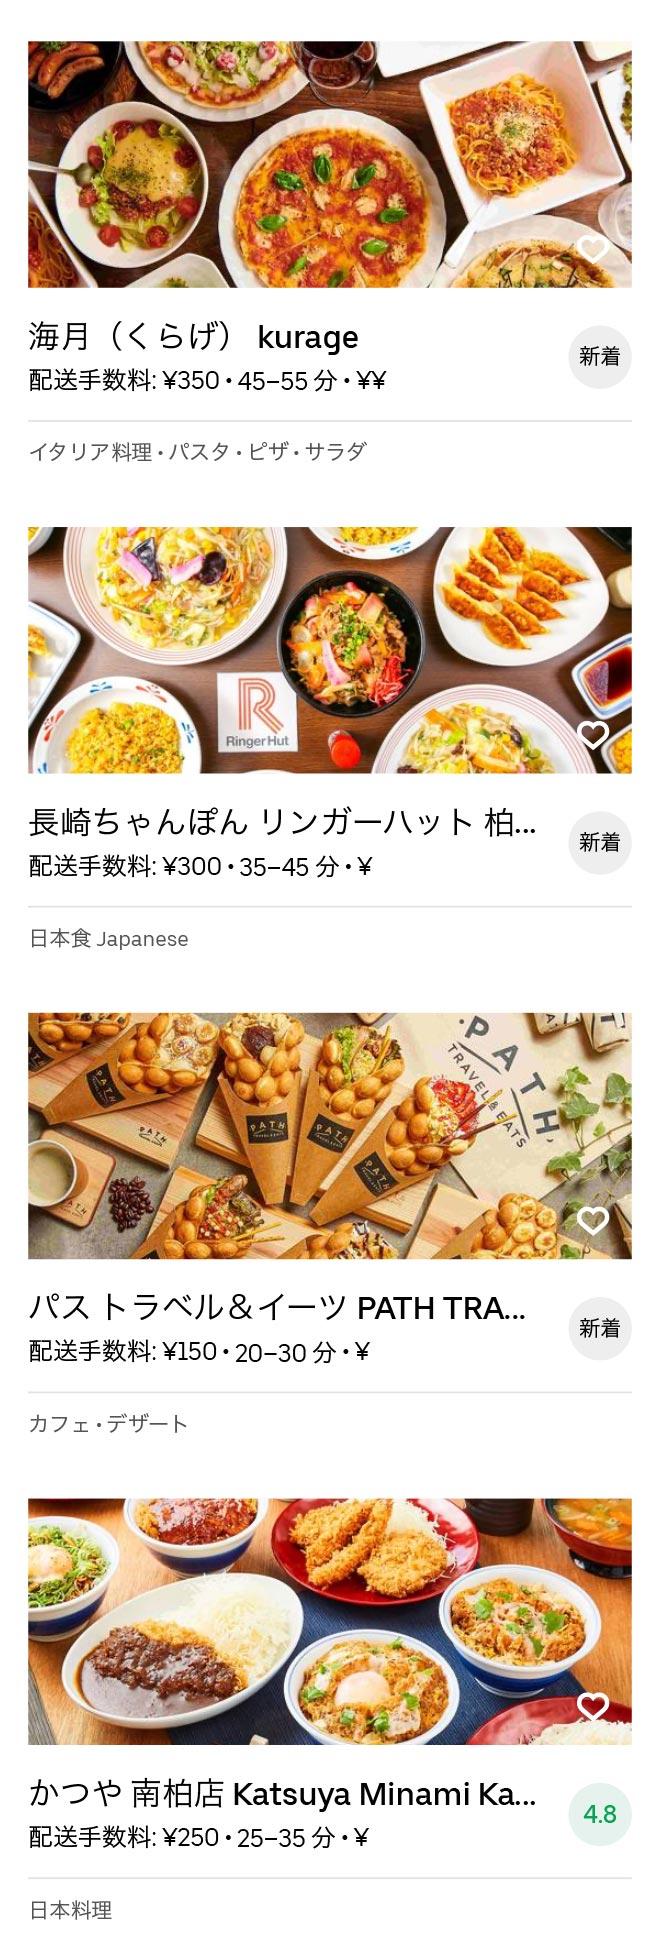 Kashiwa menu 2007 04